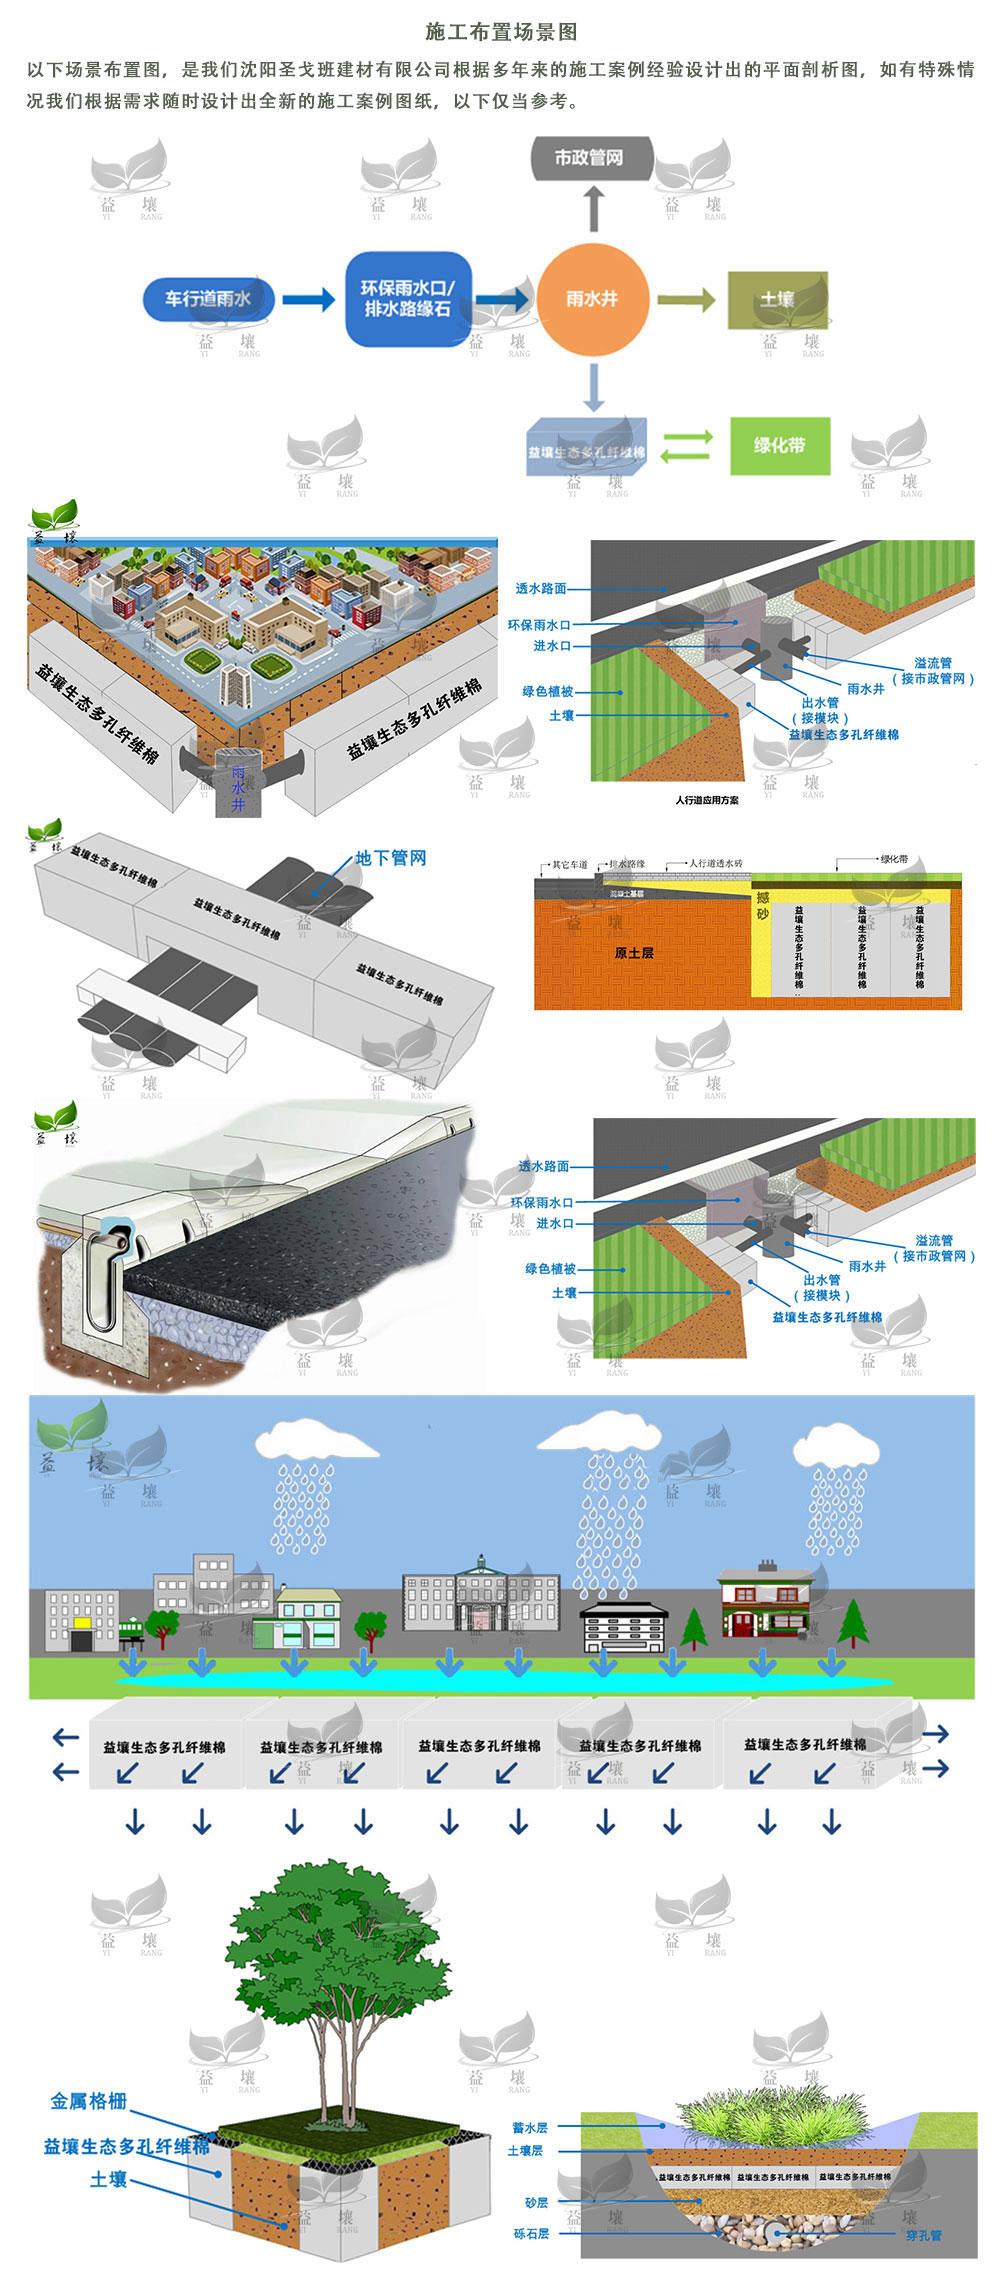 生态多孔纤维棉在海绵城市改造的场景布置解析图